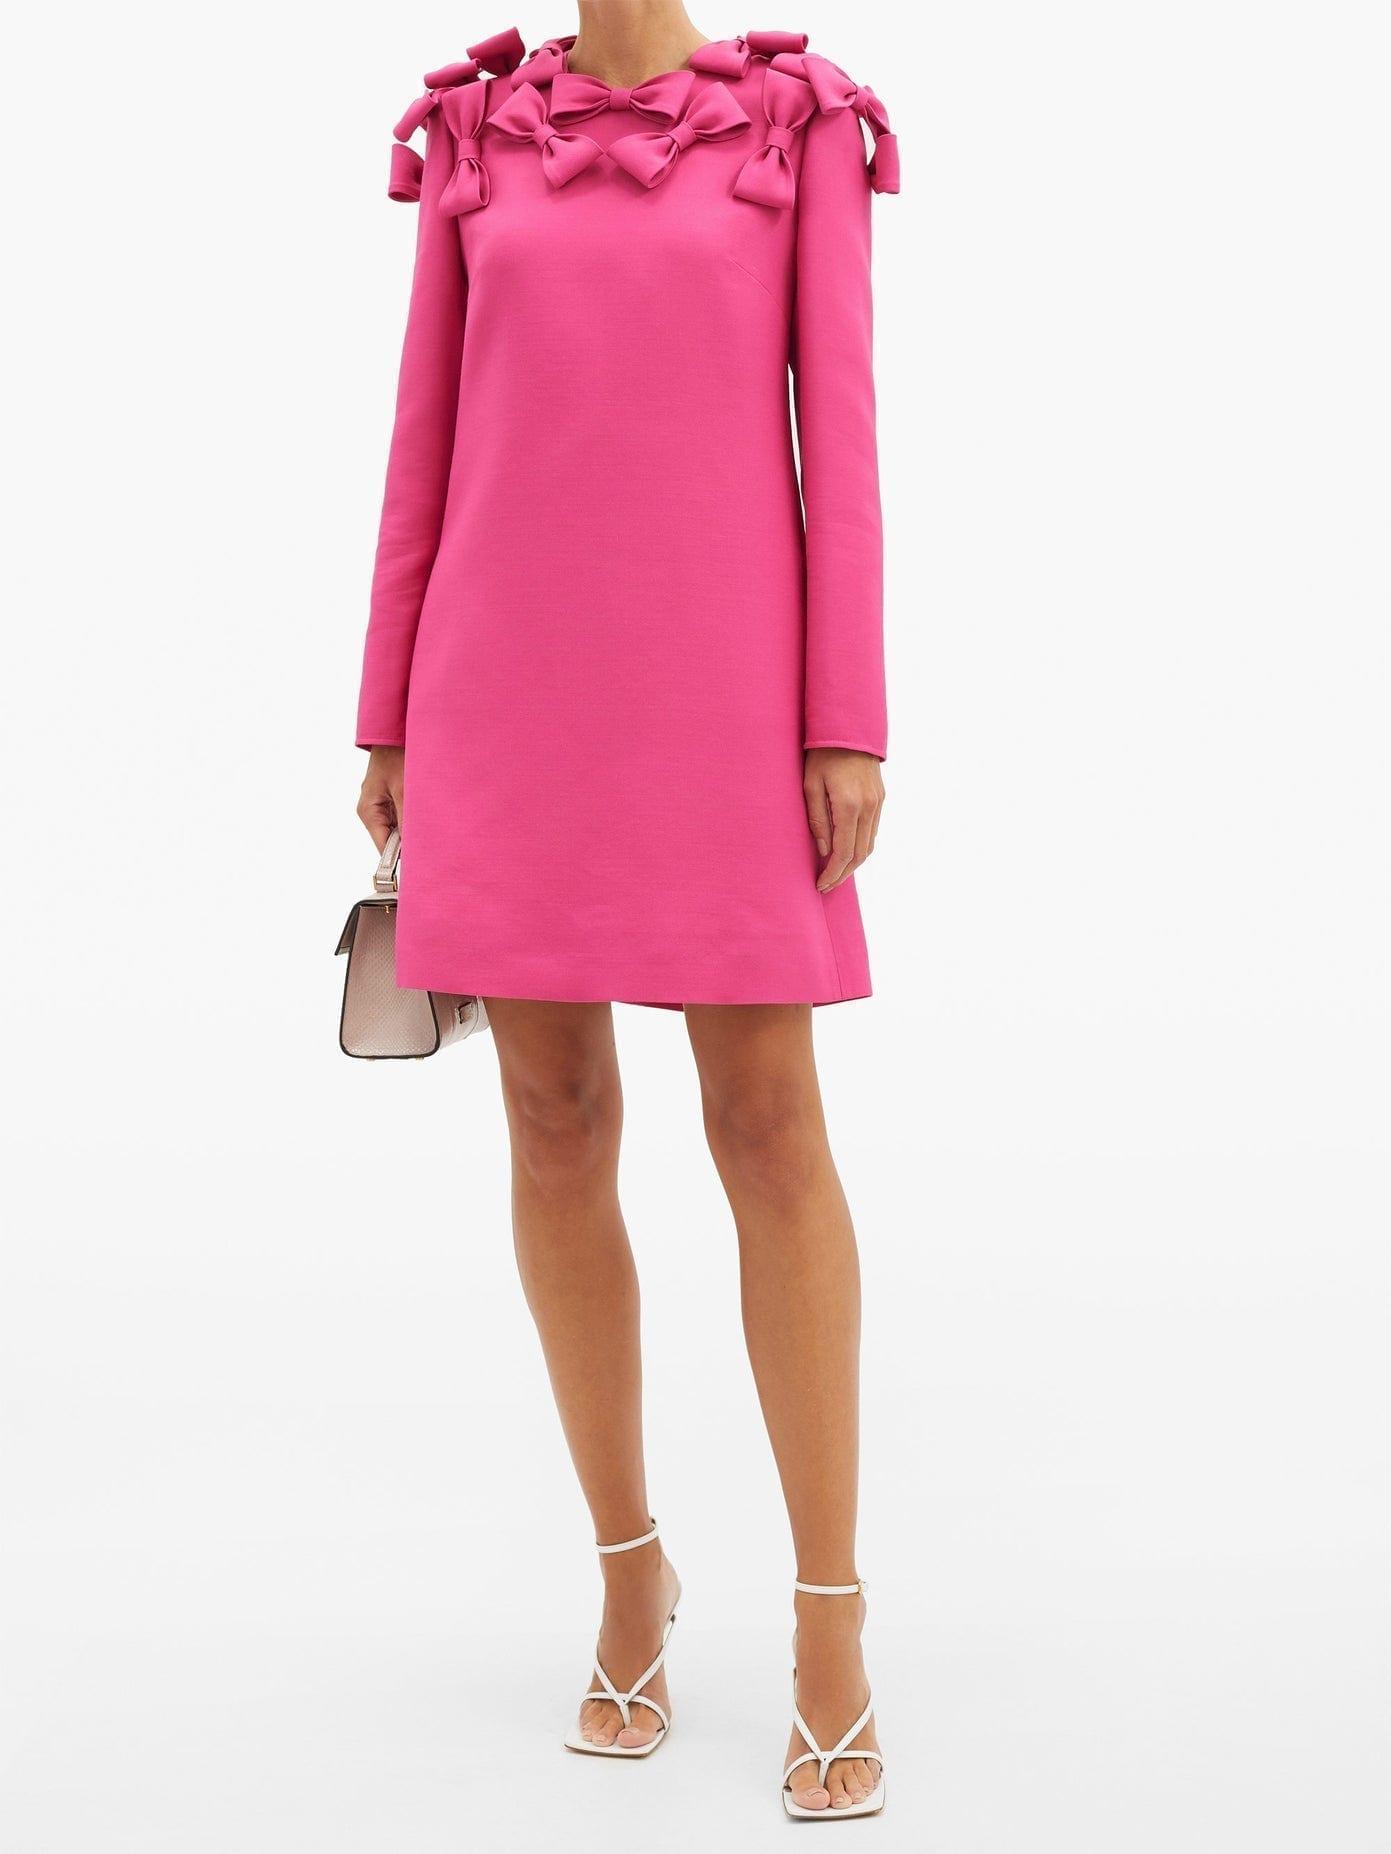 VALENTINO Bow-trim Wool-blend Cady Mini Dress